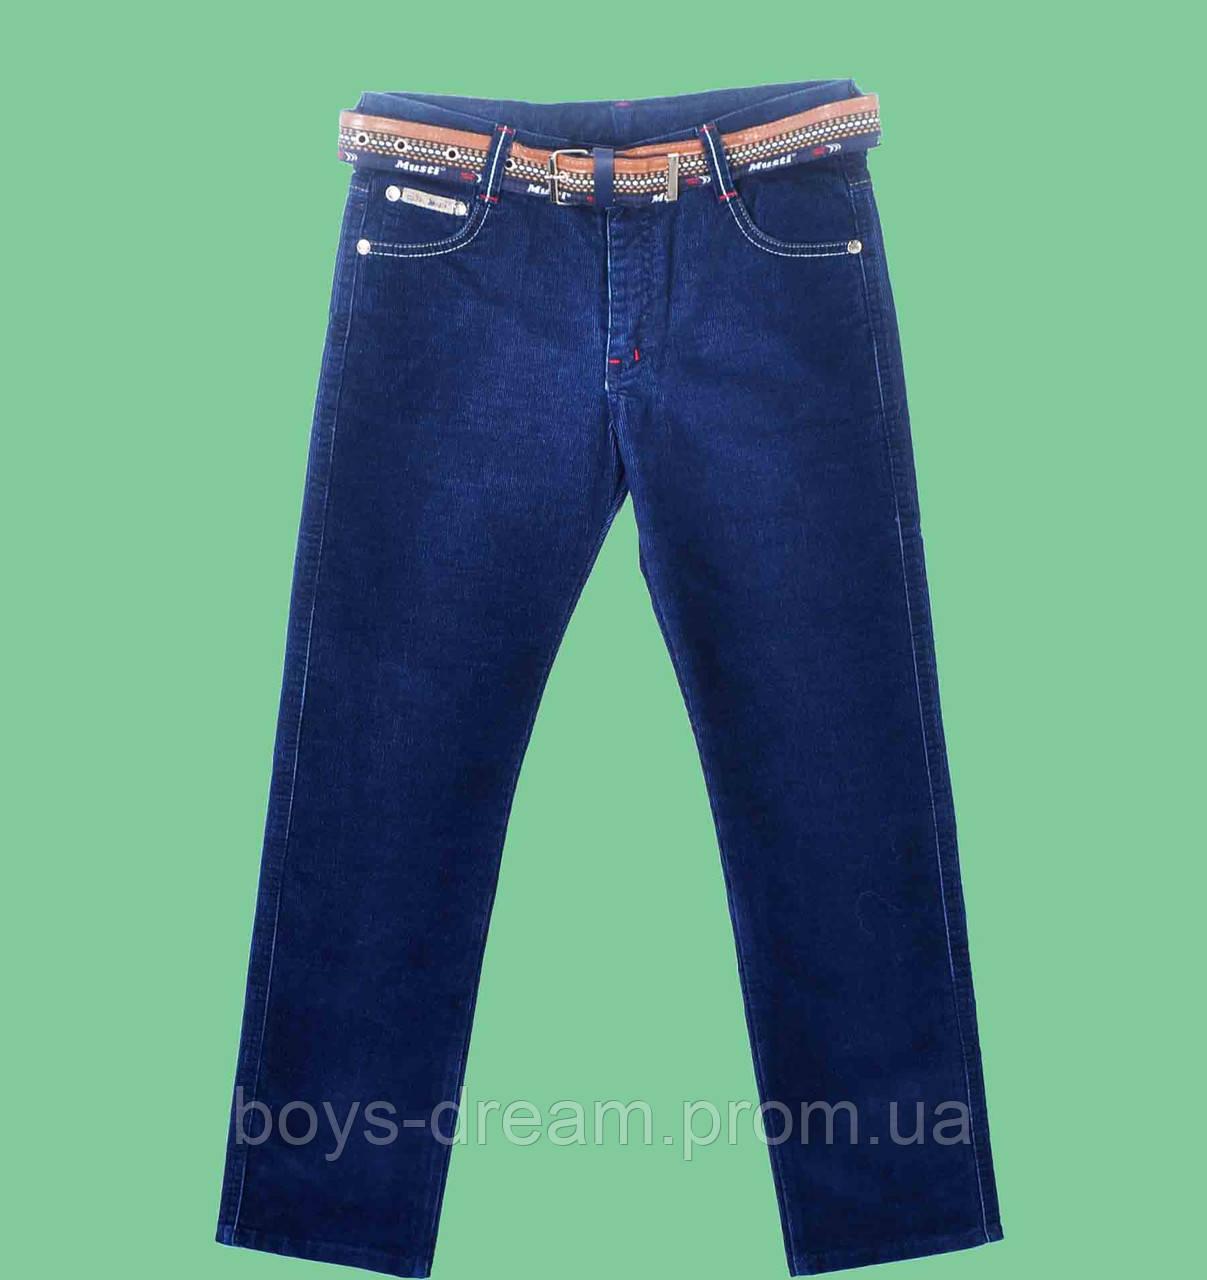 Вельветовые синие брюки для мальчика Musti (Турция) (158,164)